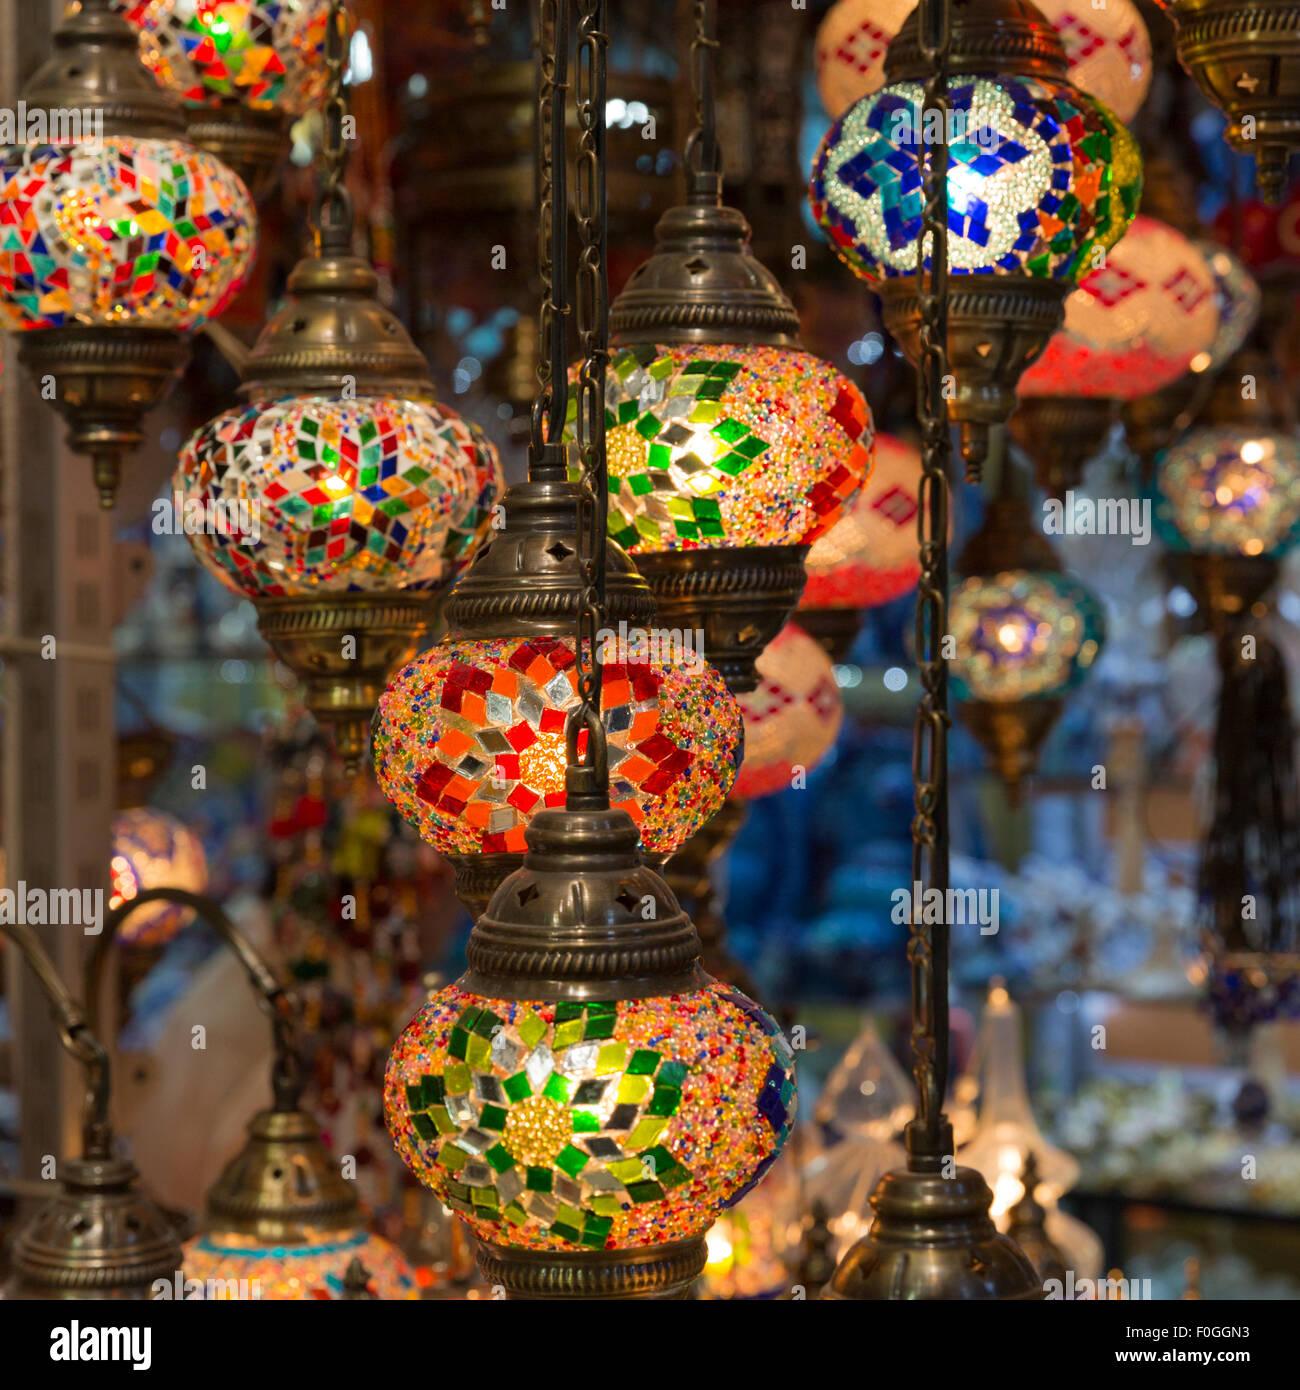 Les lampes de couleur vive en vente dans une boutique de la lampe dans le Grand Bazar, Istanbul, Turquie Photo Stock